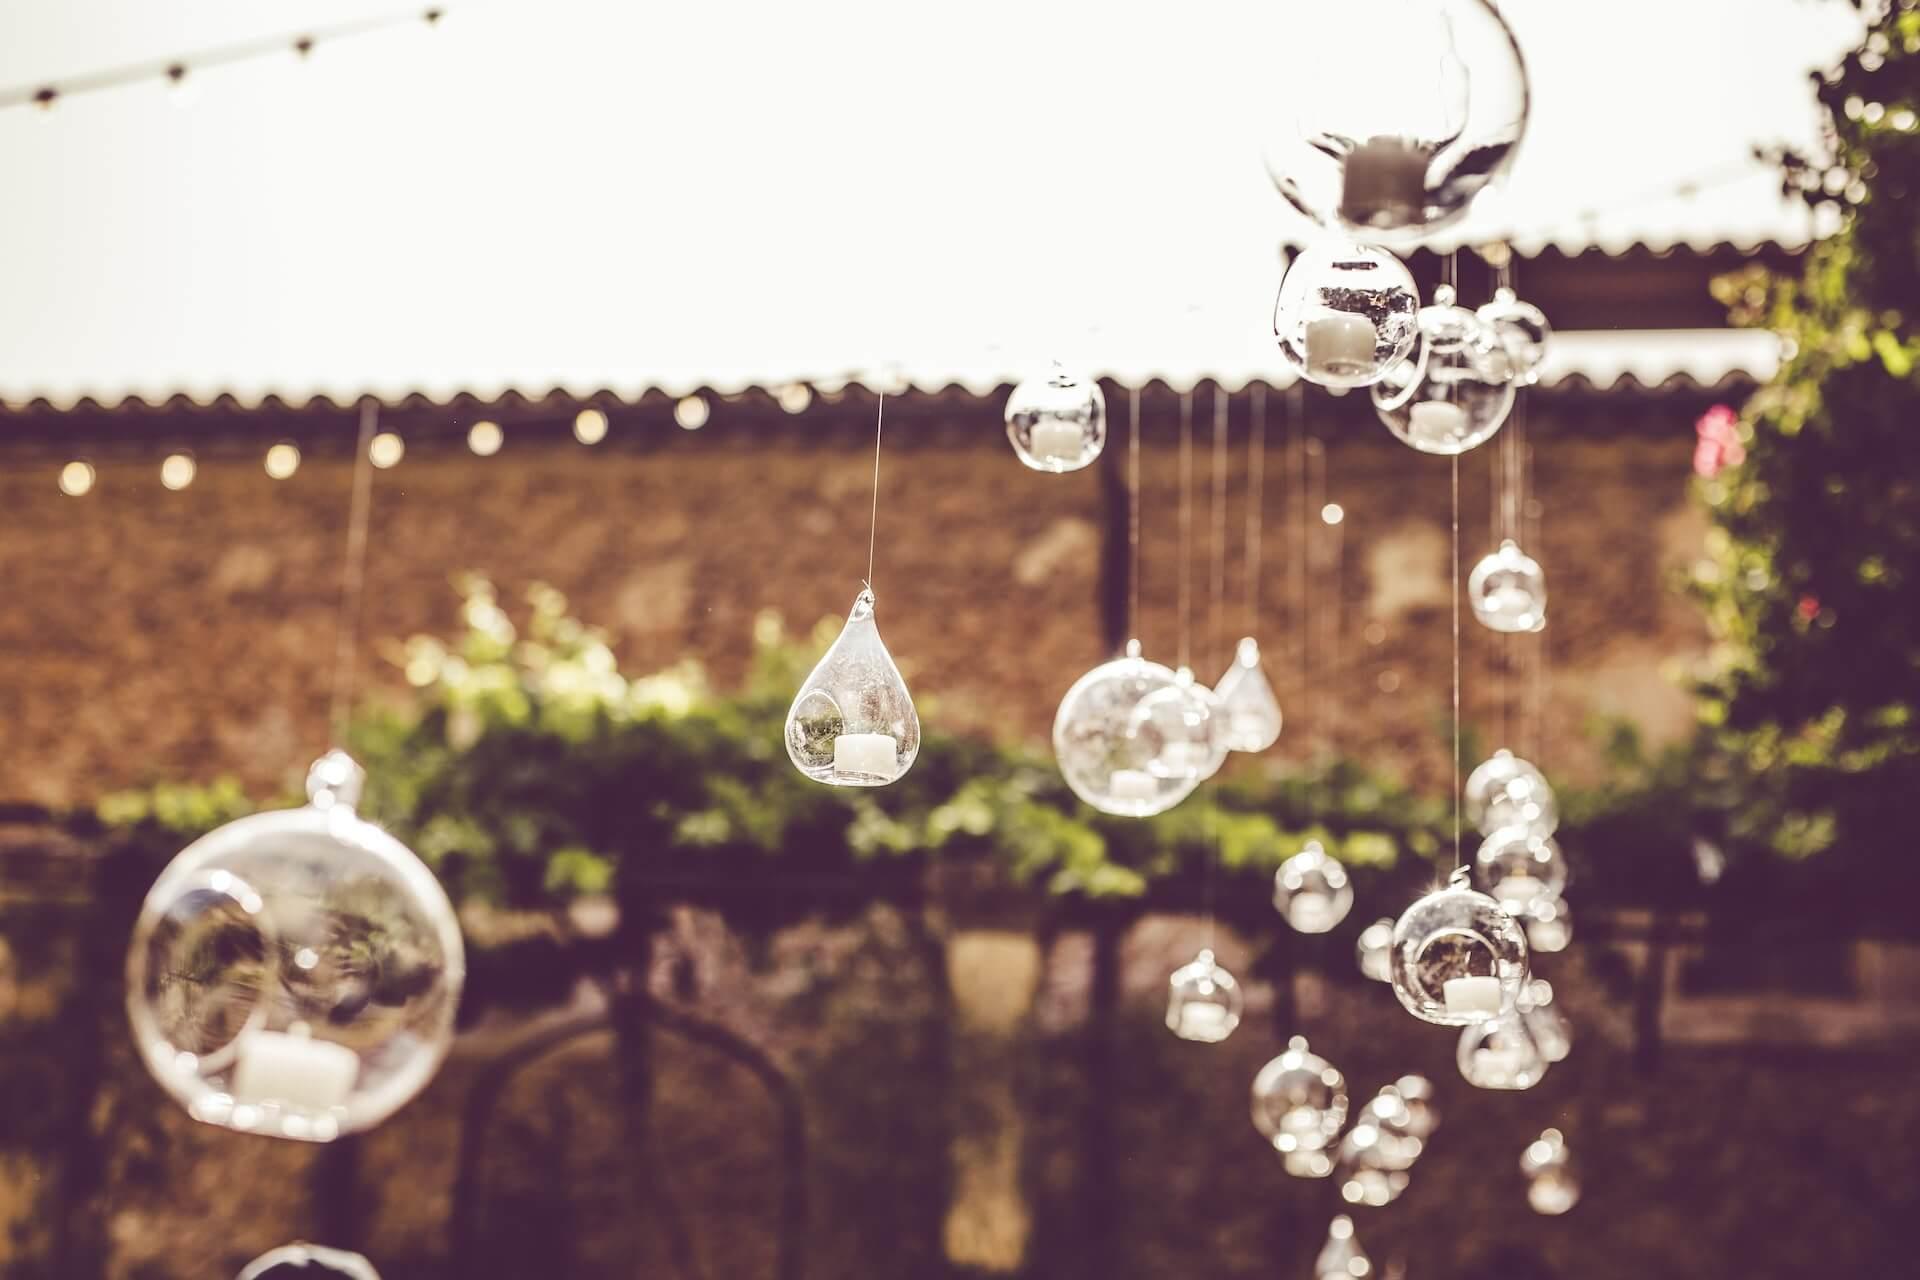 Esferas de Cristal colgante con velas decoración